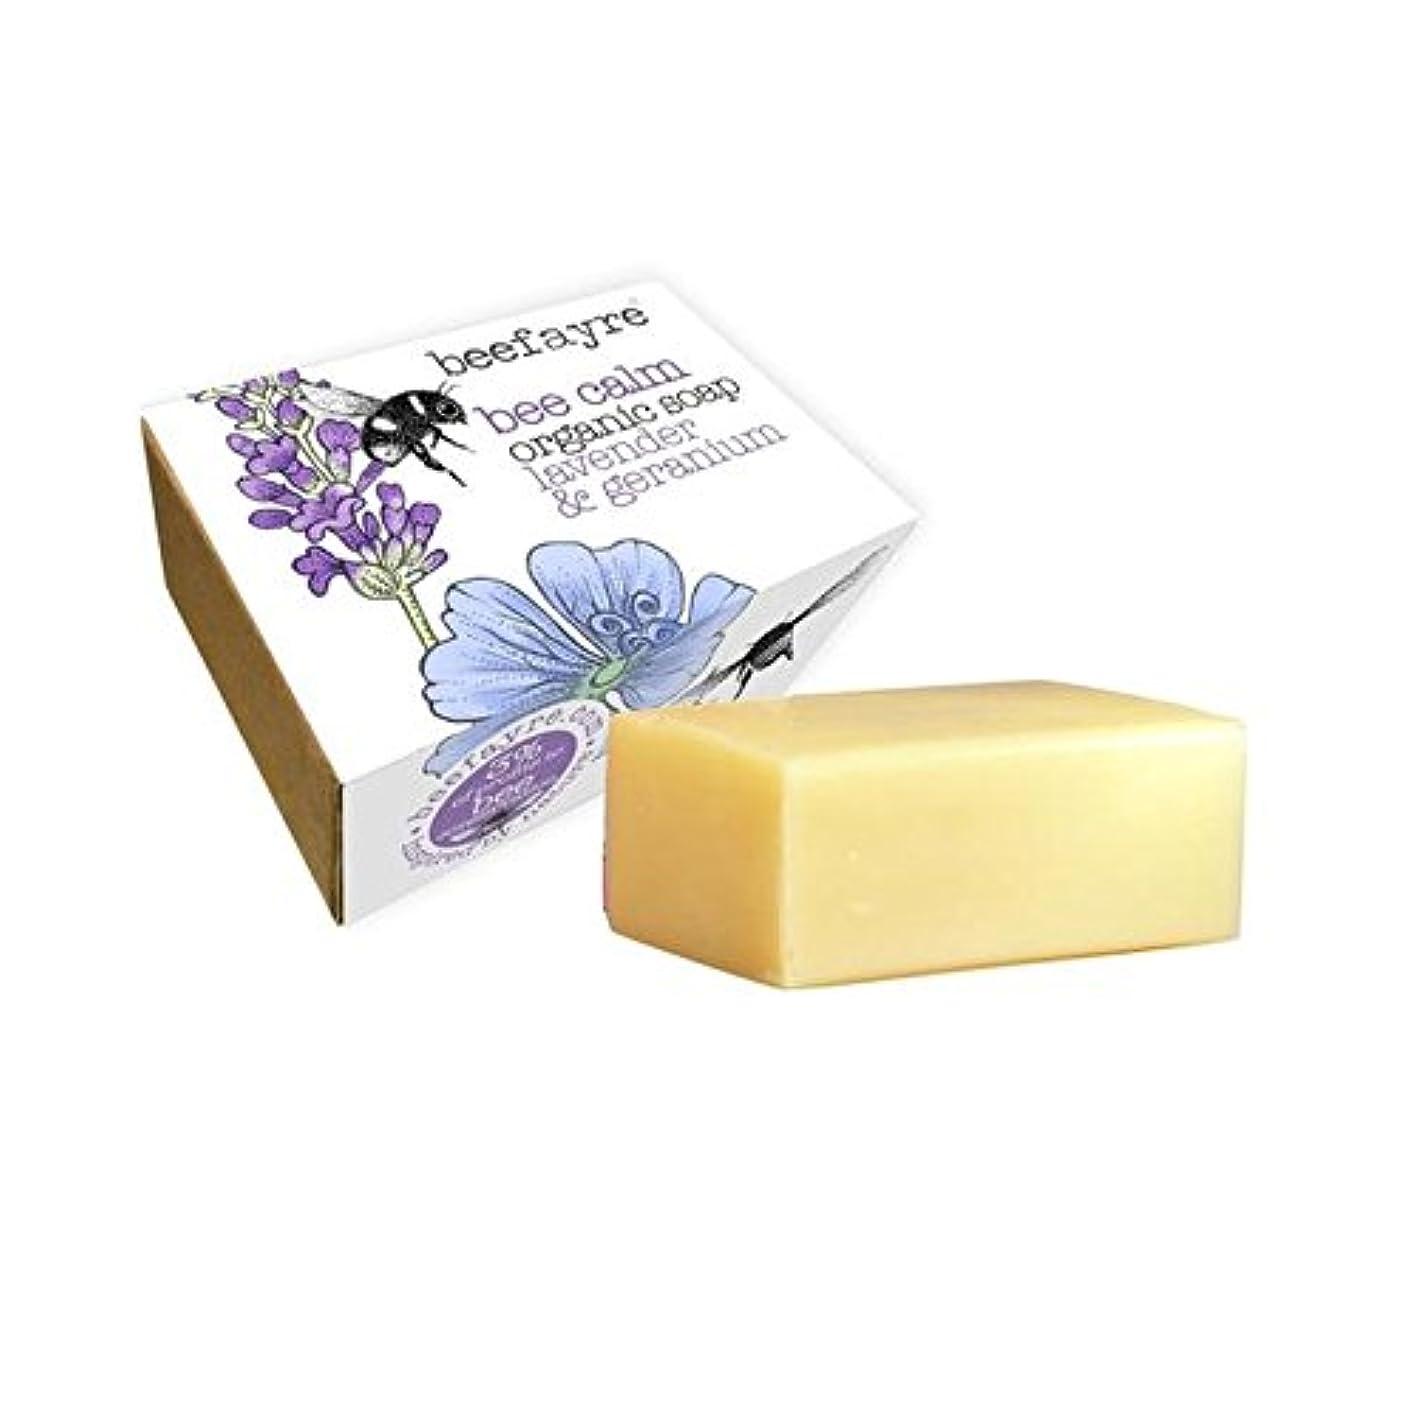 普及迅速道を作る有機ゼラニウム&ラベンダー石鹸 x4 - Beefayre Organic Geranium & Lavender Soap (Pack of 4) [並行輸入品]